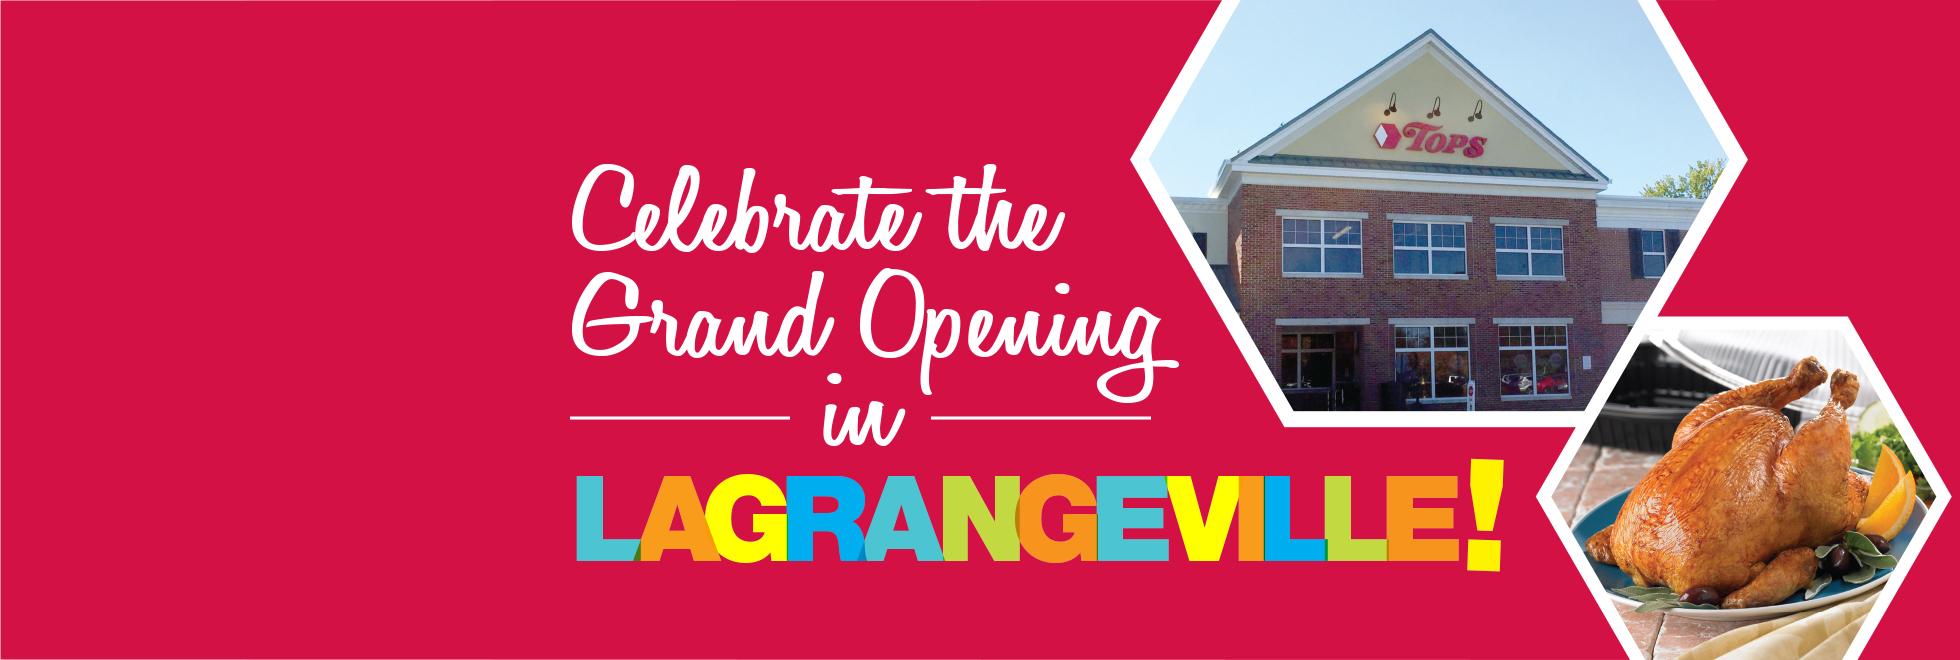 LaGrangeville Grand Opening